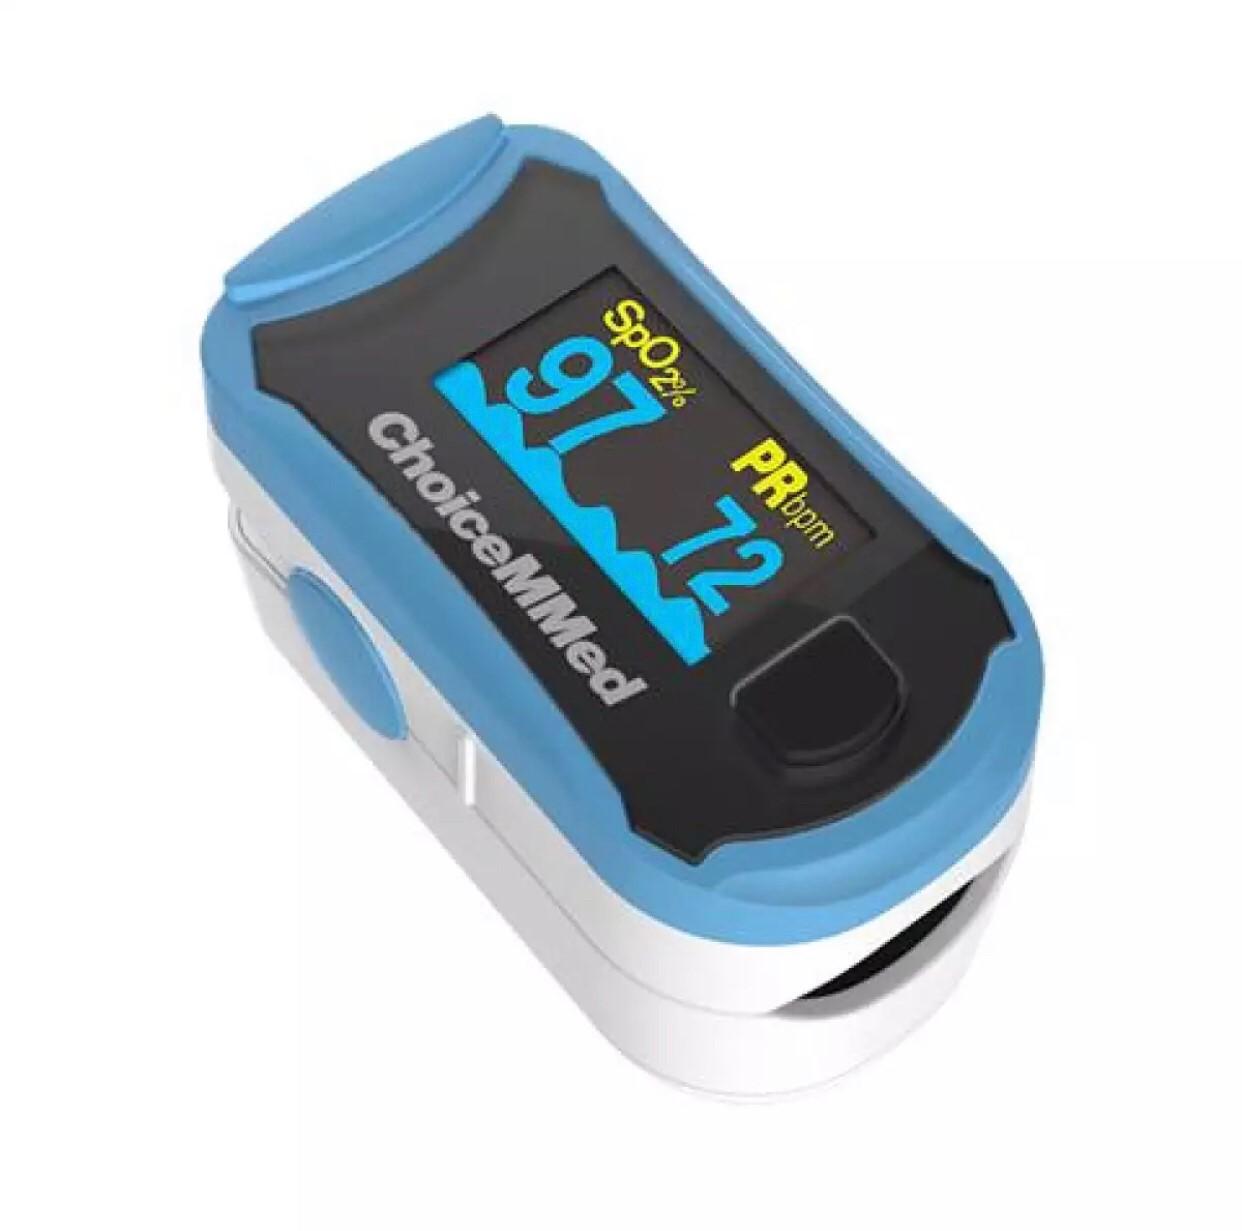 เครื่องวัดออกซิเจนในเลือด ยี่ห้อ ChoiceMMed : MD300C29